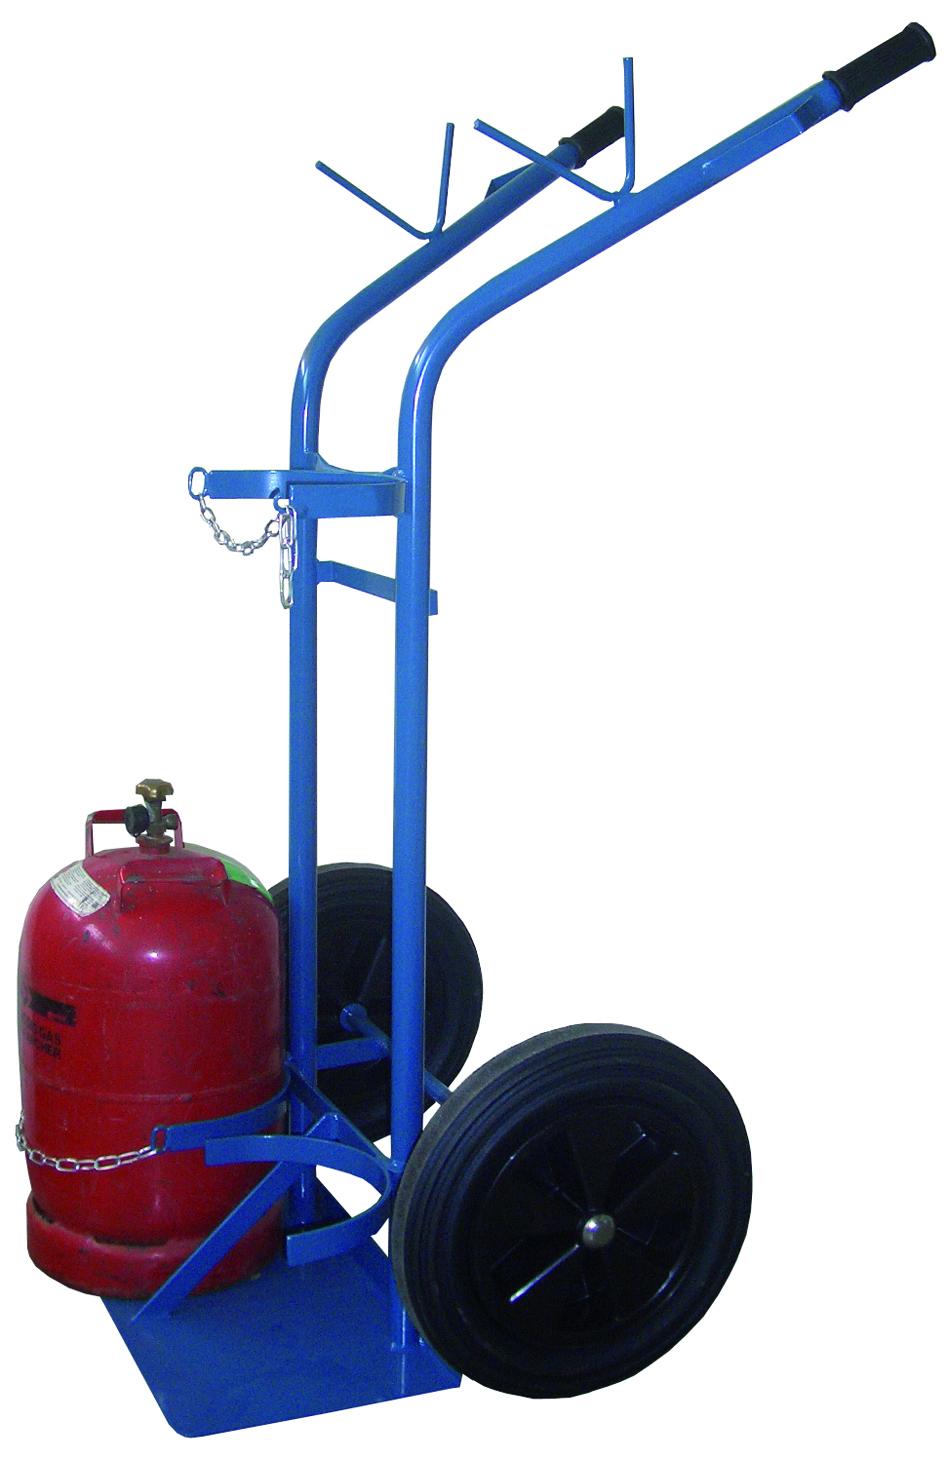 Flaschenwagen 1 x 50 L + 1 x 33 kg (oder 11 kg) Propan, Gummireifen